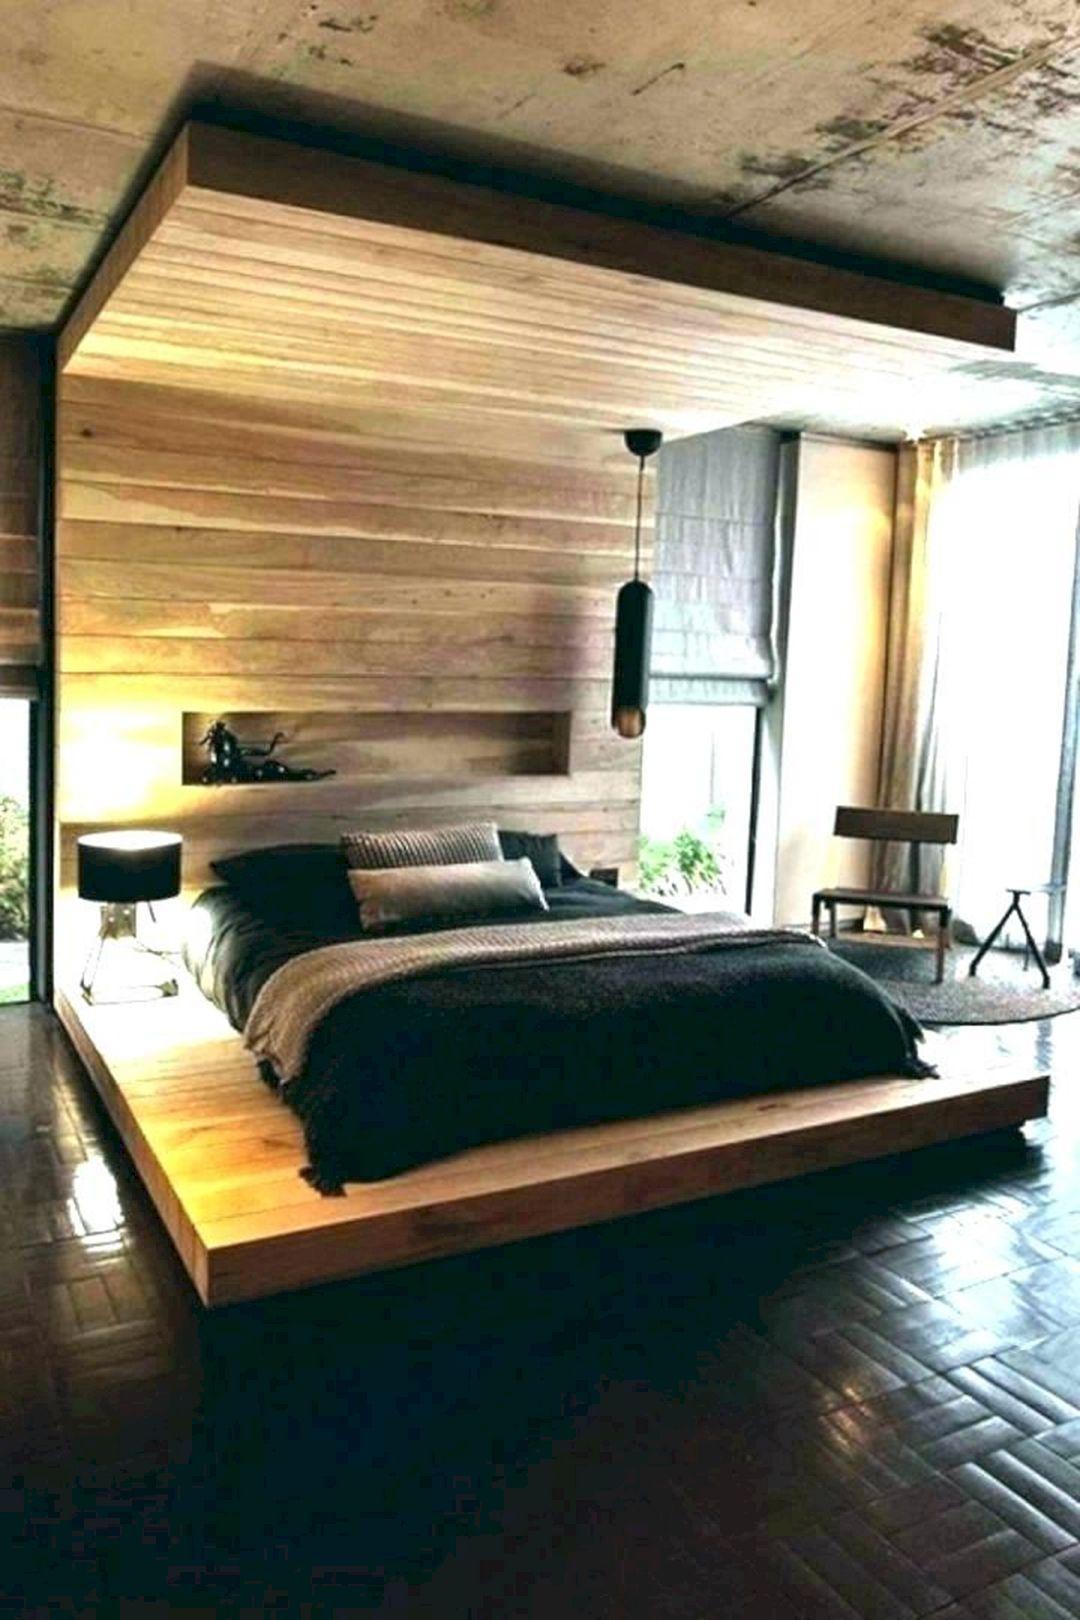 DIY Floating Bed Frame Design